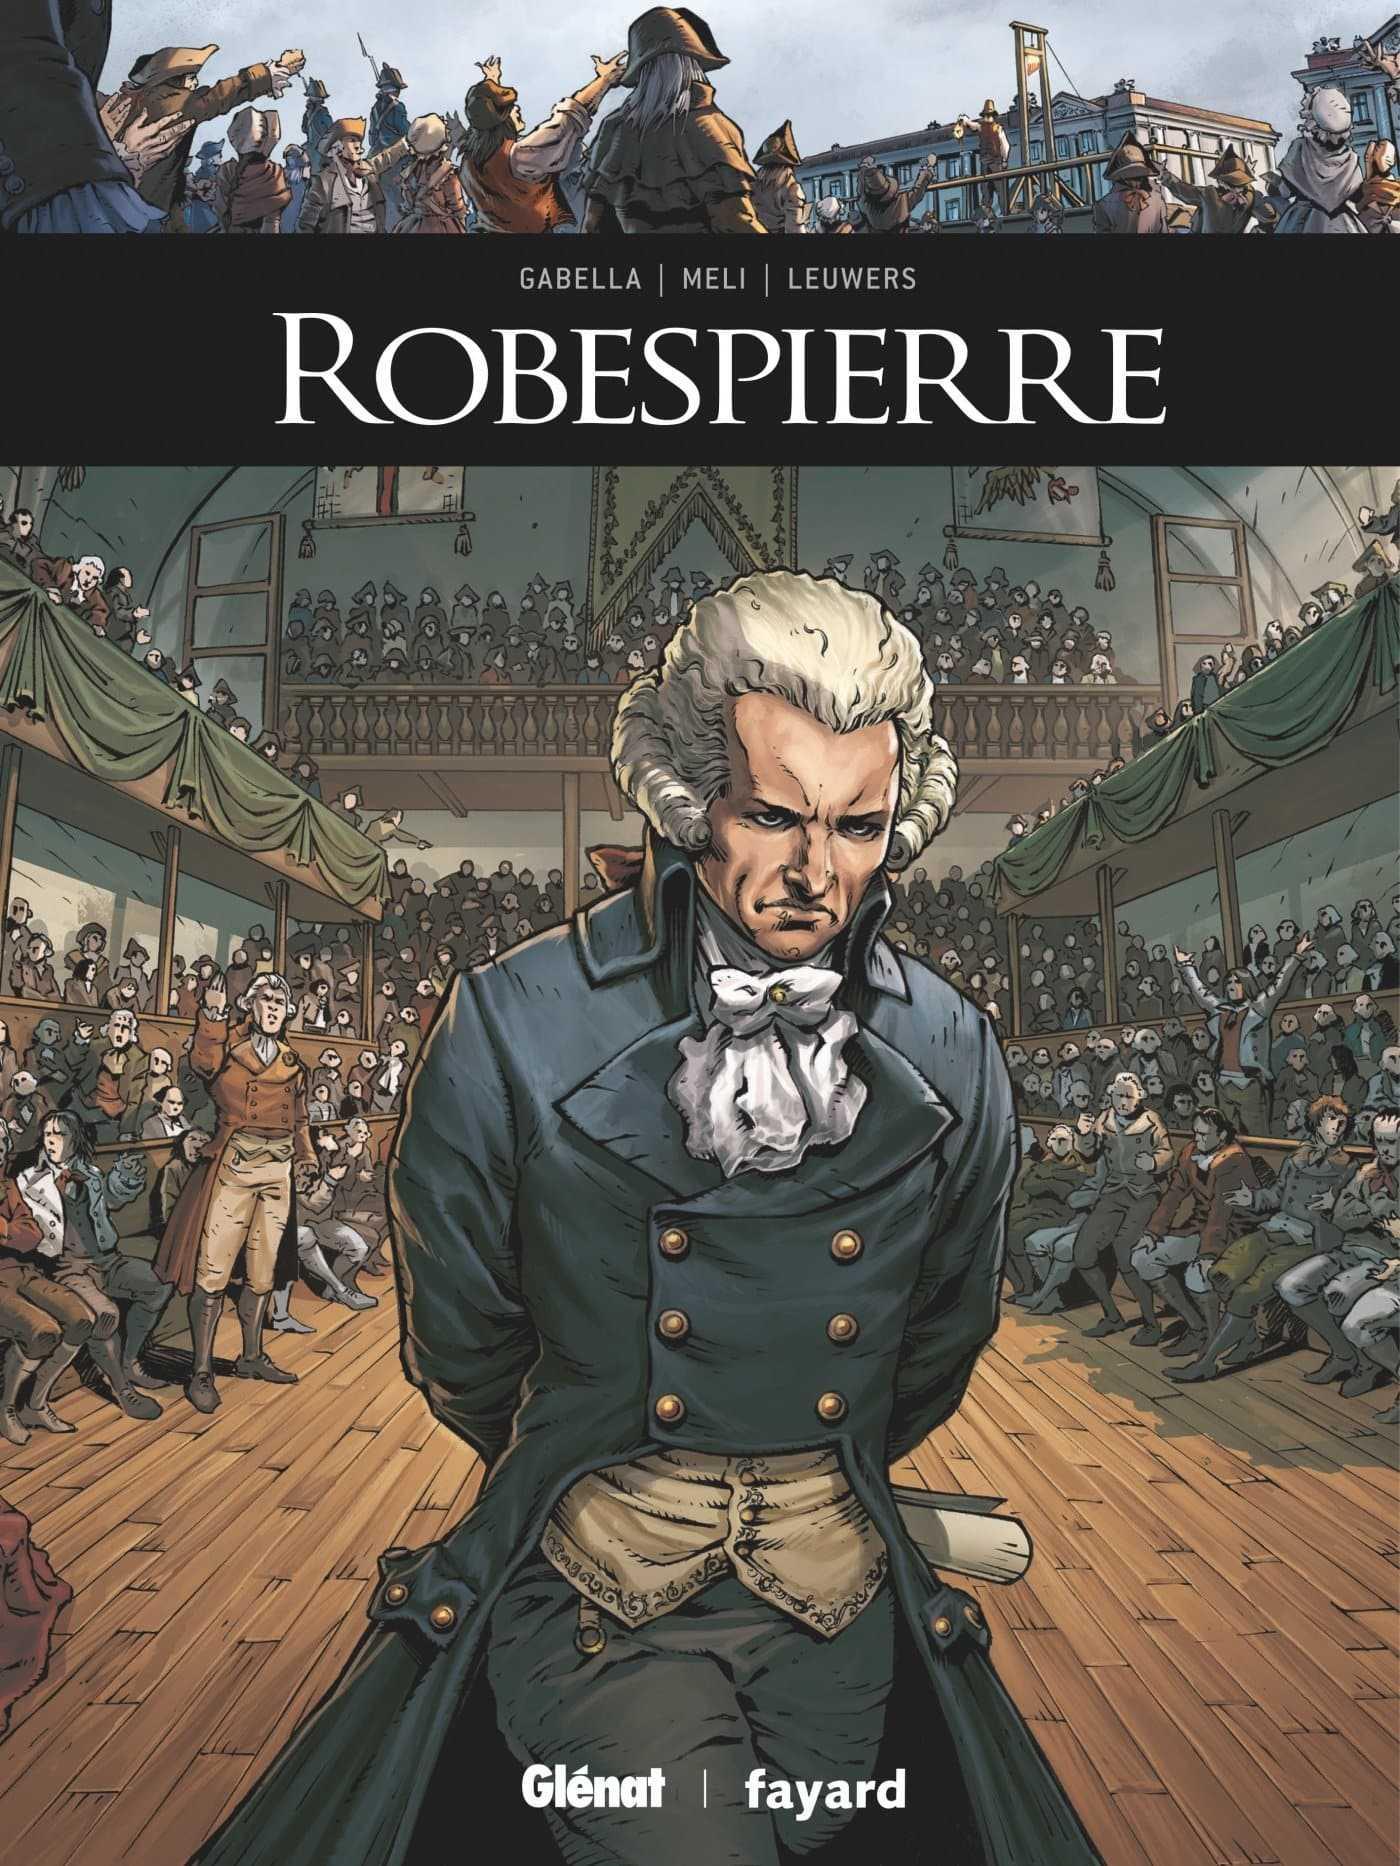 Robespierre et Clemenceau, des tribuns de caractère